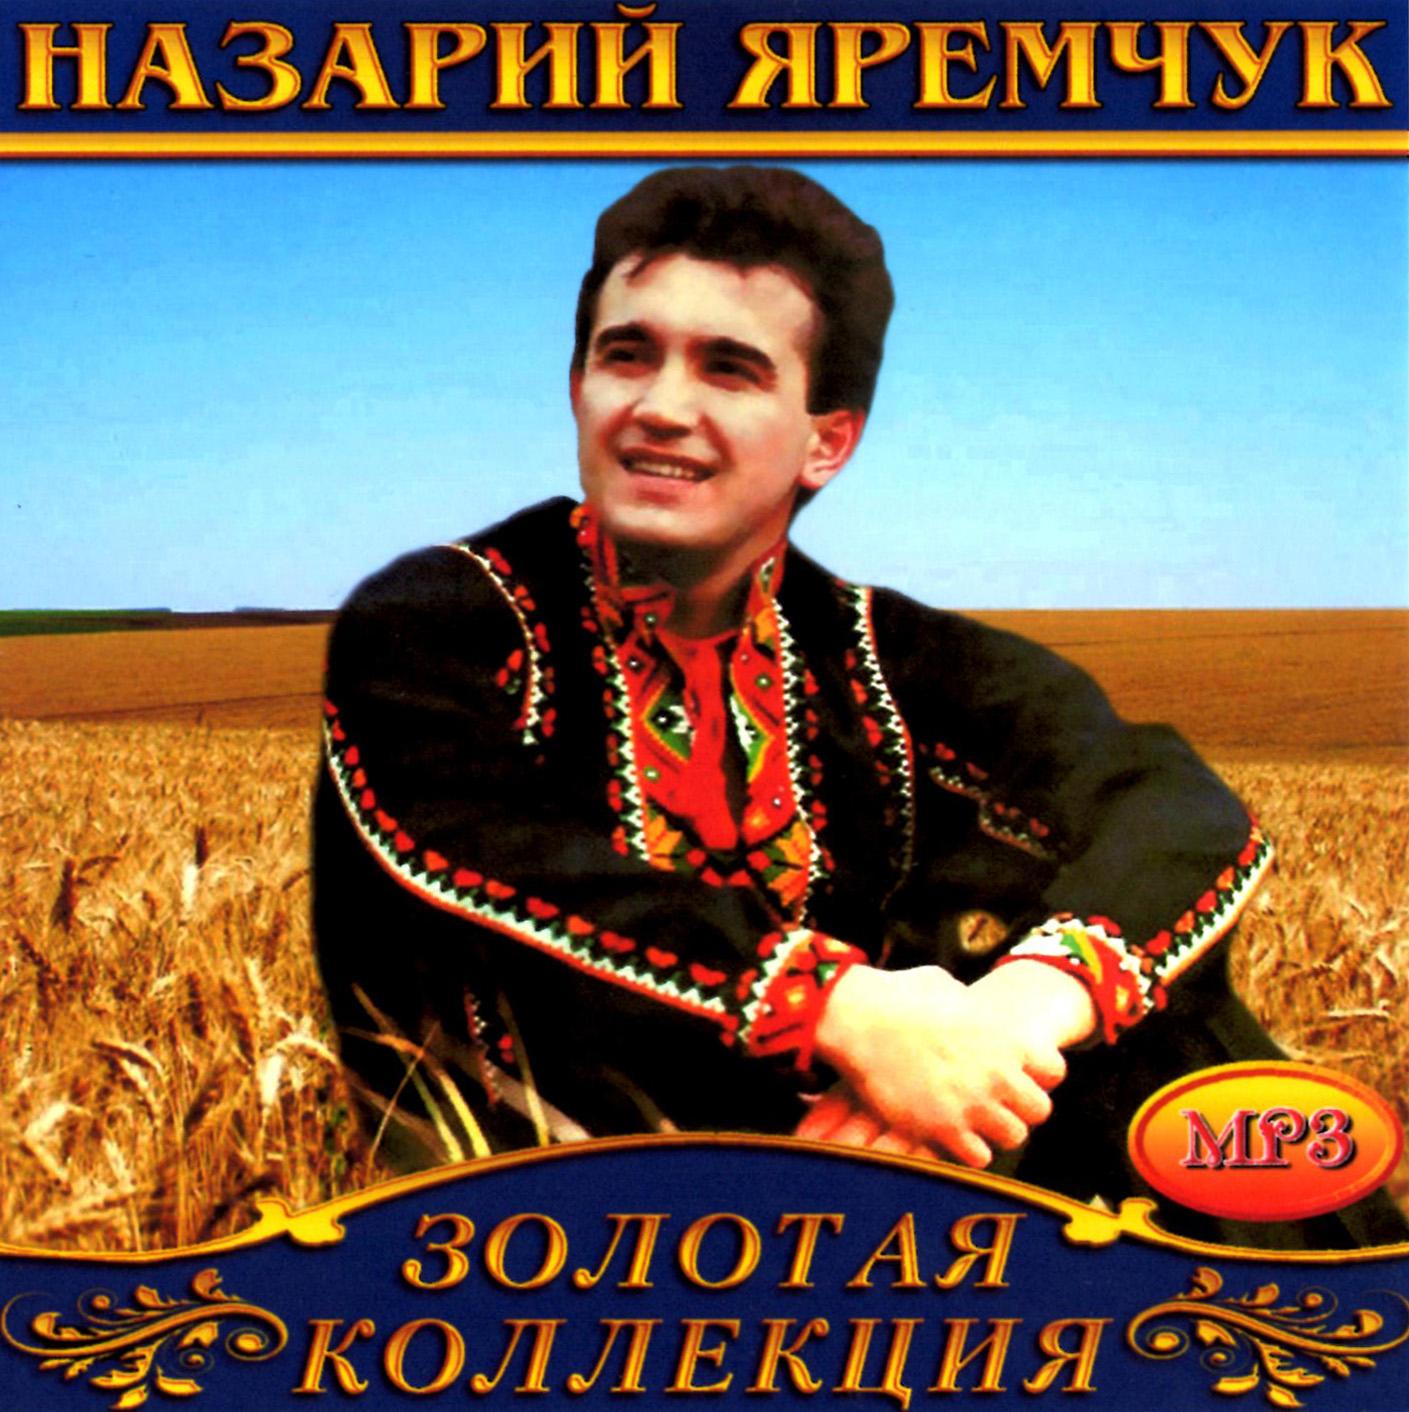 Назарій Яремчук [mp3]